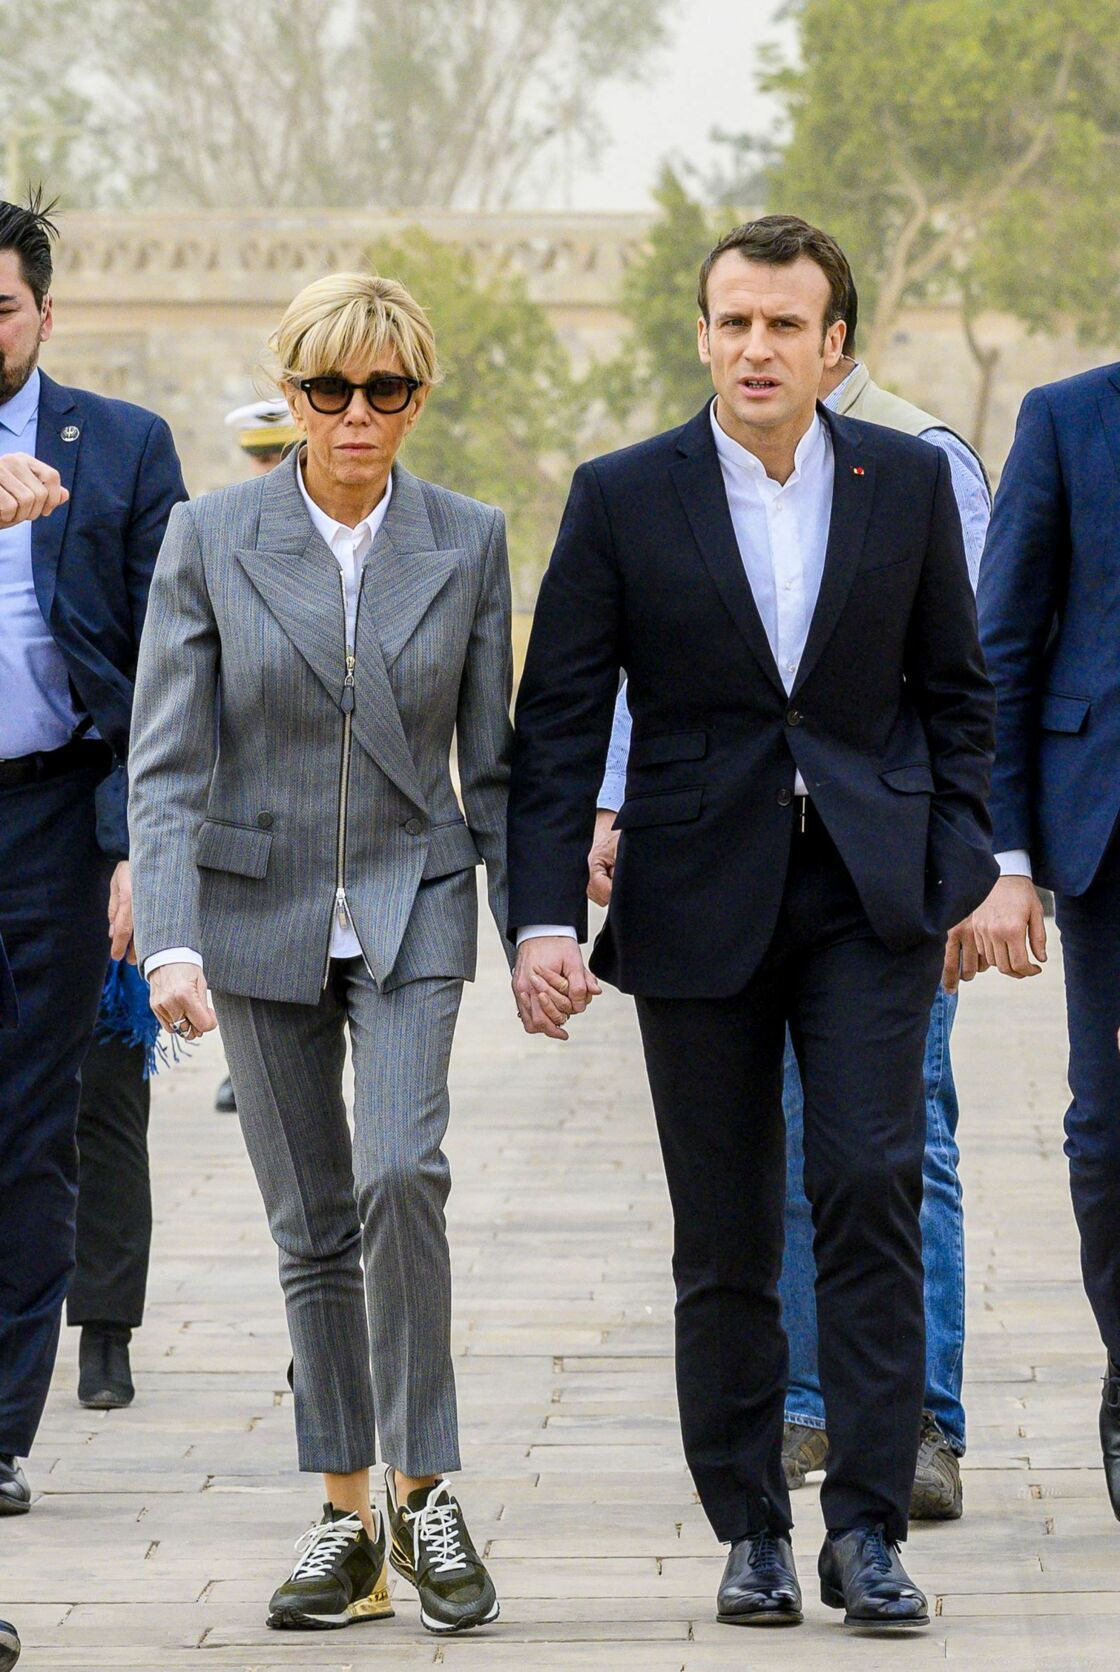 Avec son mari lors de leur voyage officiel en Egypte, elle a choisi un costume gris rayé avec une veste à zip et une paire de baskets Louis Vuitton.